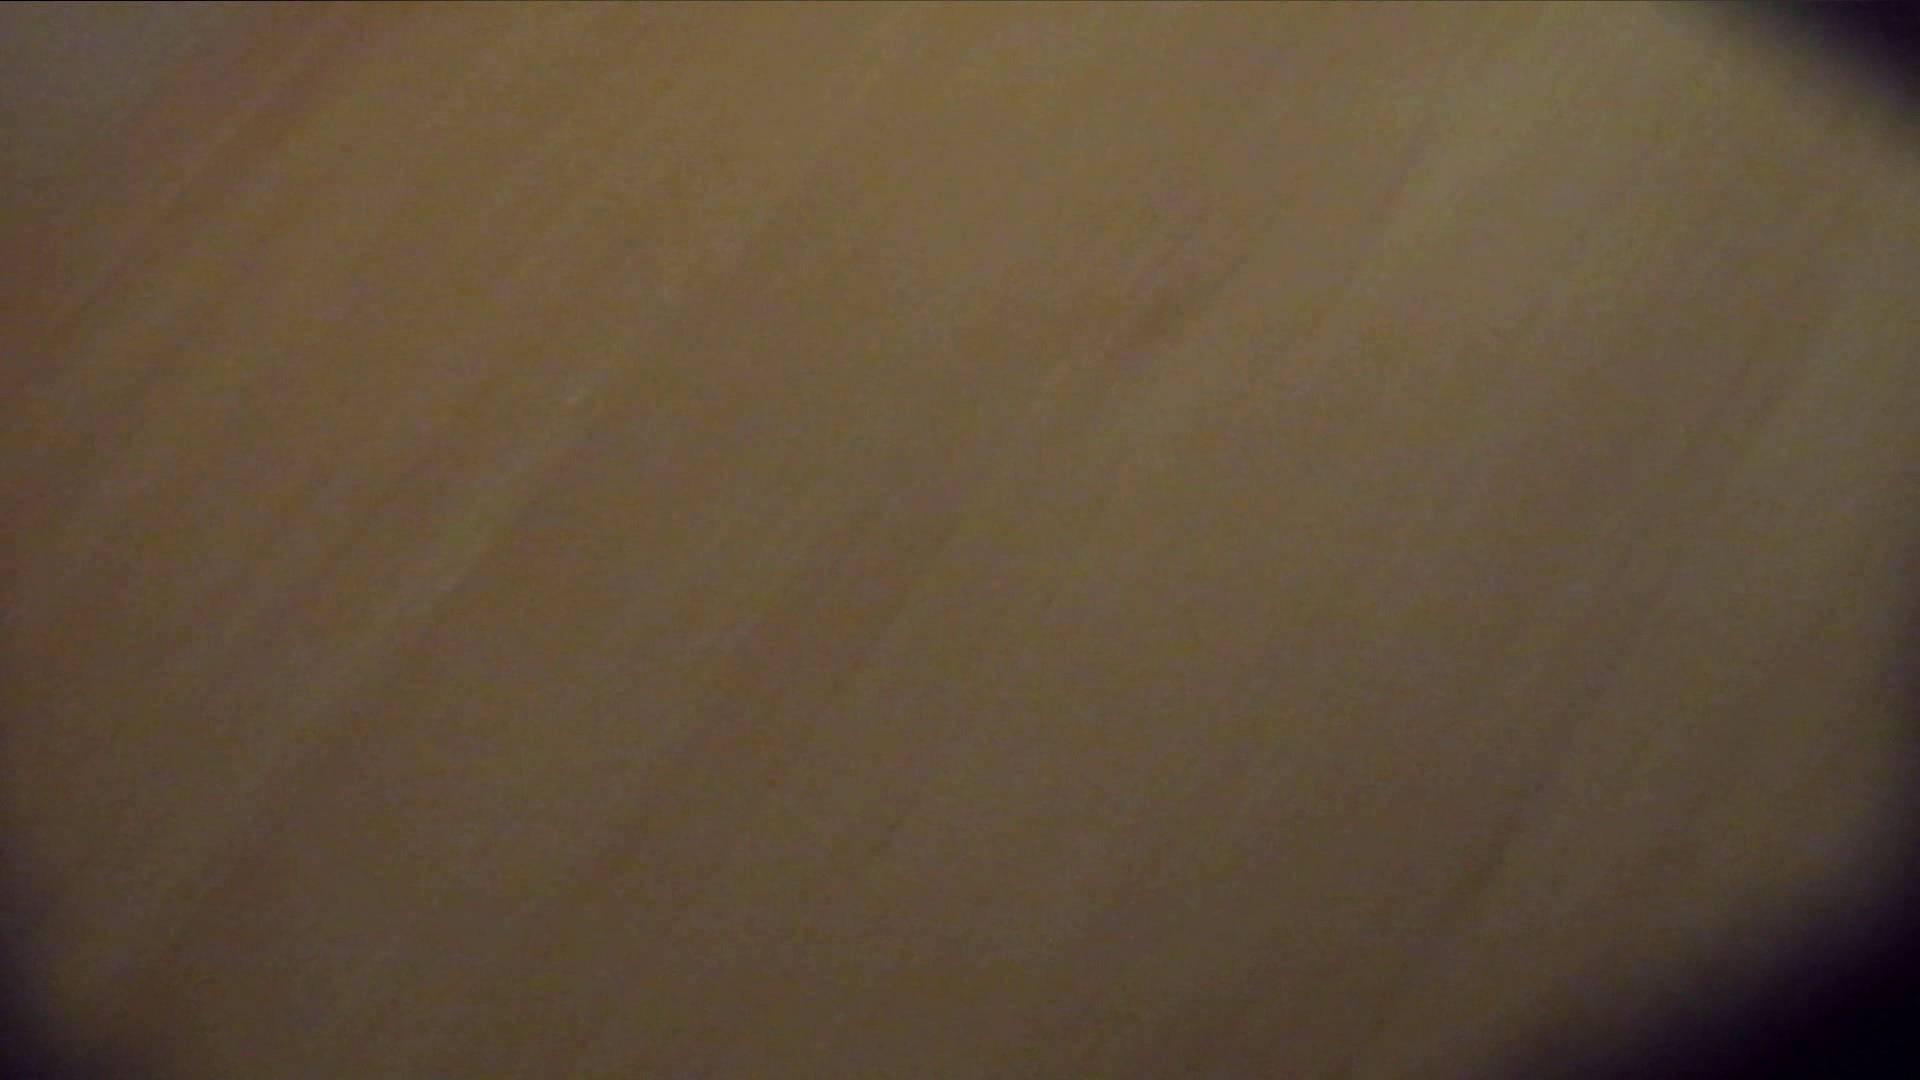 無修正エロ動画|阿国ちゃんの「和式洋式七変化」No.9|怪盗ジョーカー